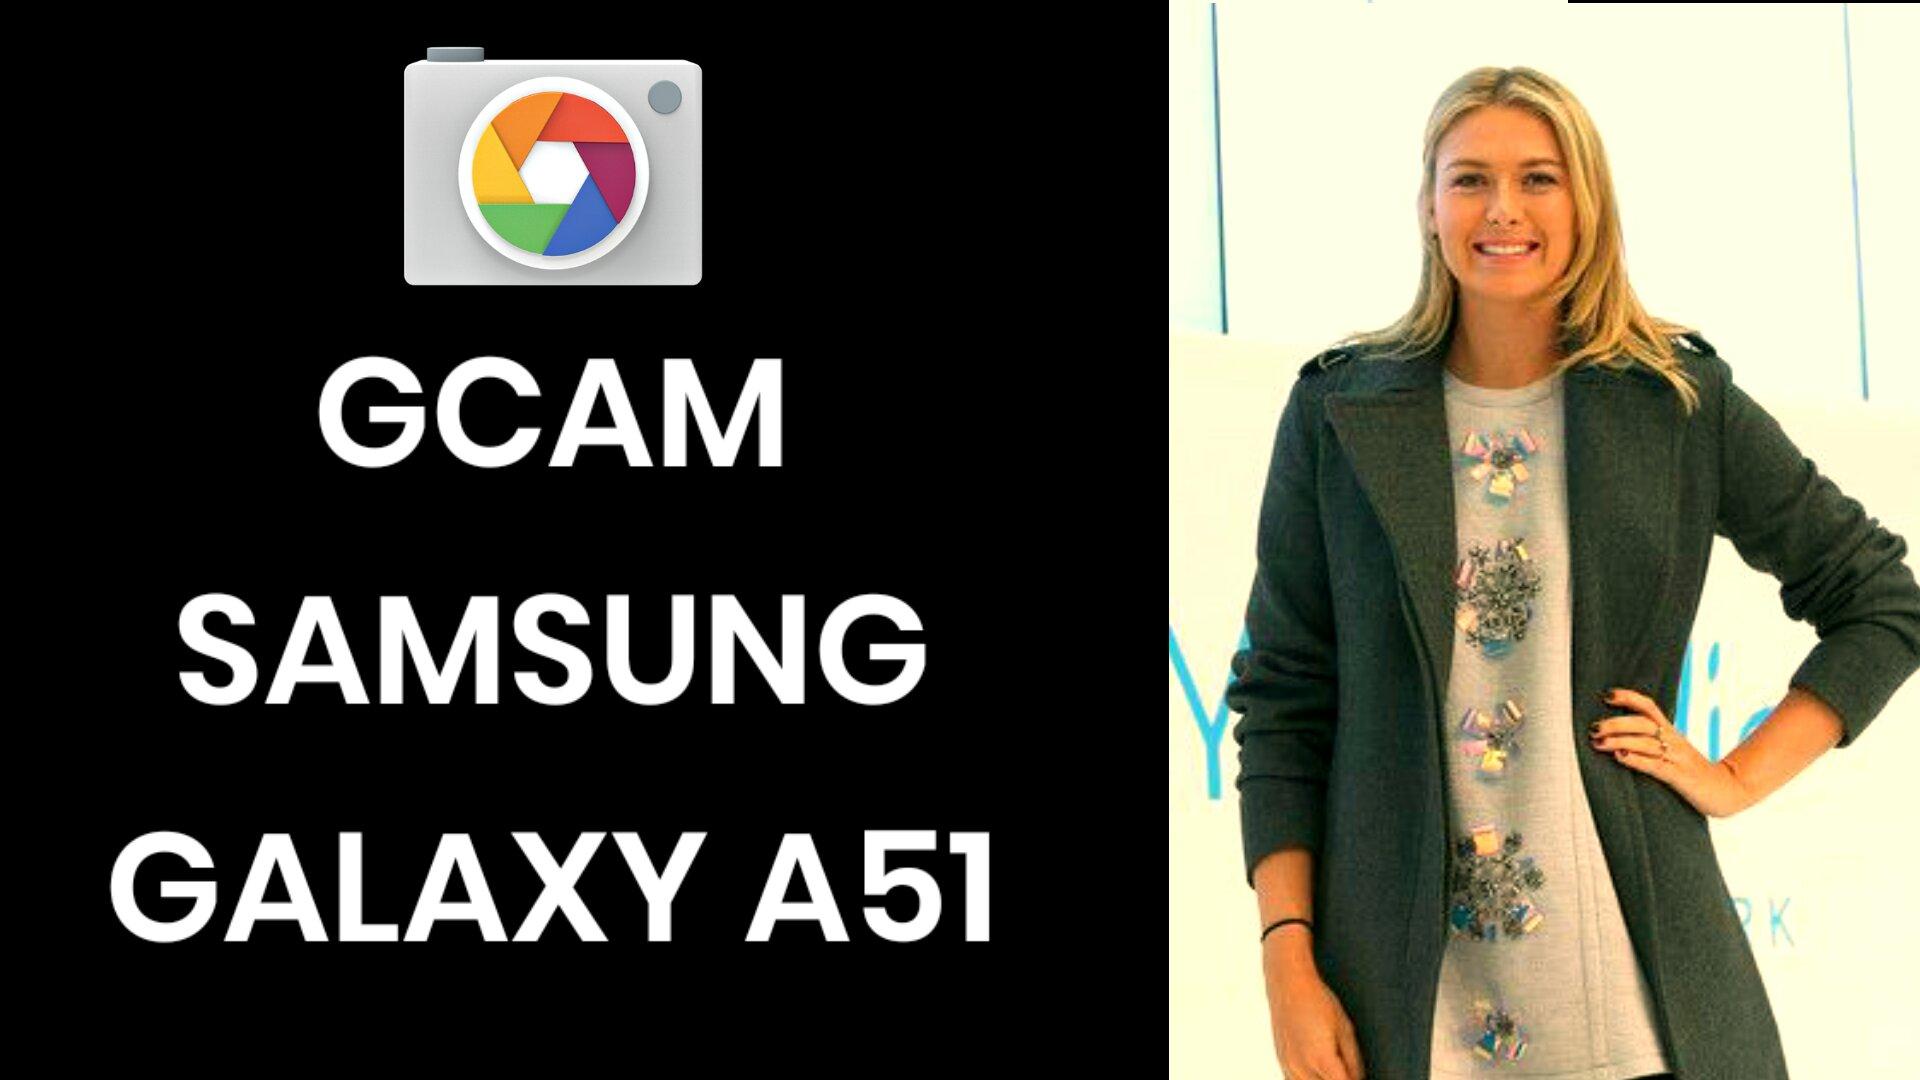 bassnations.com-SamsungGalaxy-a51-GCam.jpeg